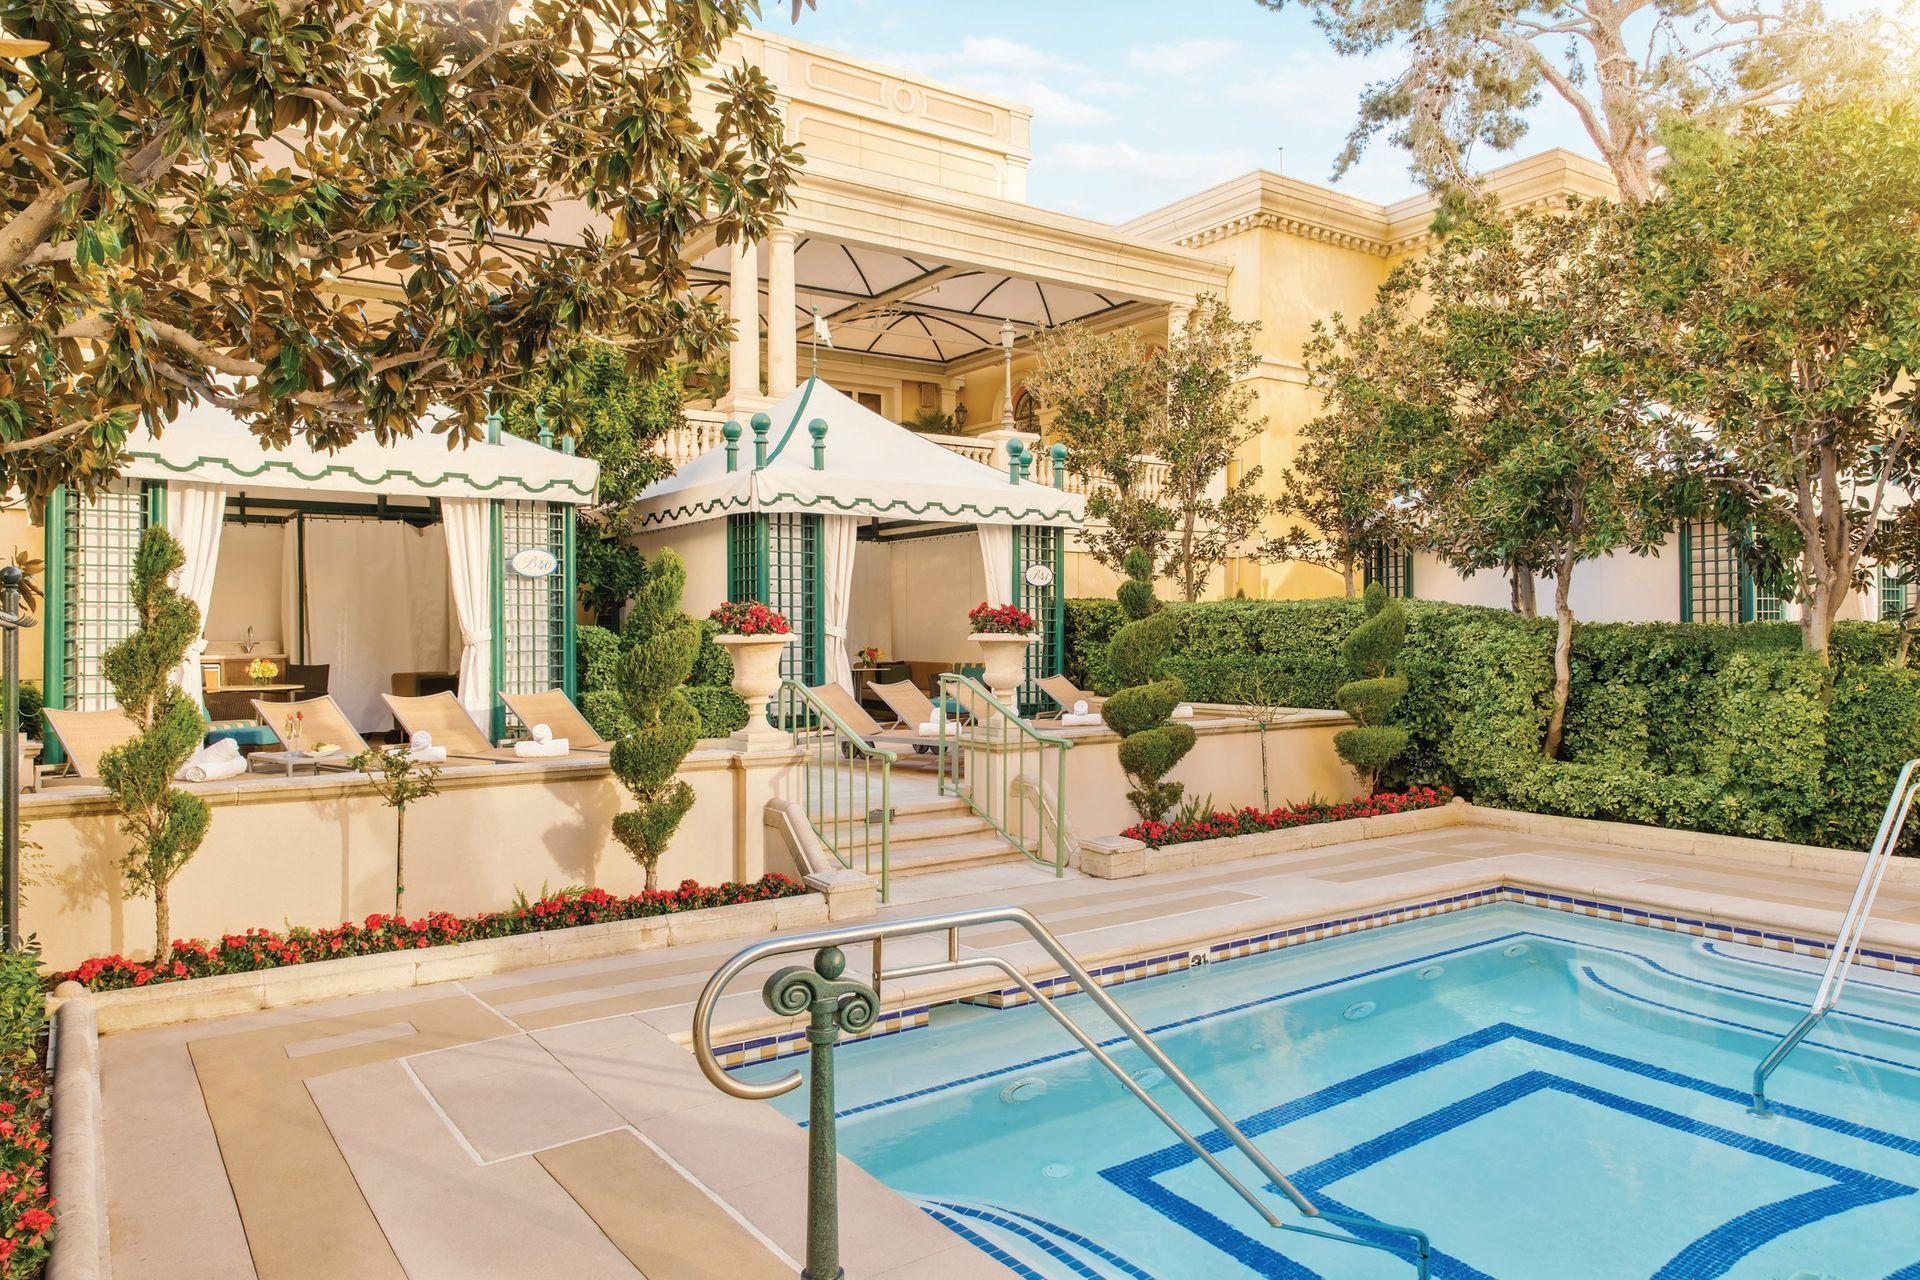 Poolside Luxury 11 Cushy Hotel Cabanas Las Vegas Pool Bellagio Las Vegas Pool Cabana